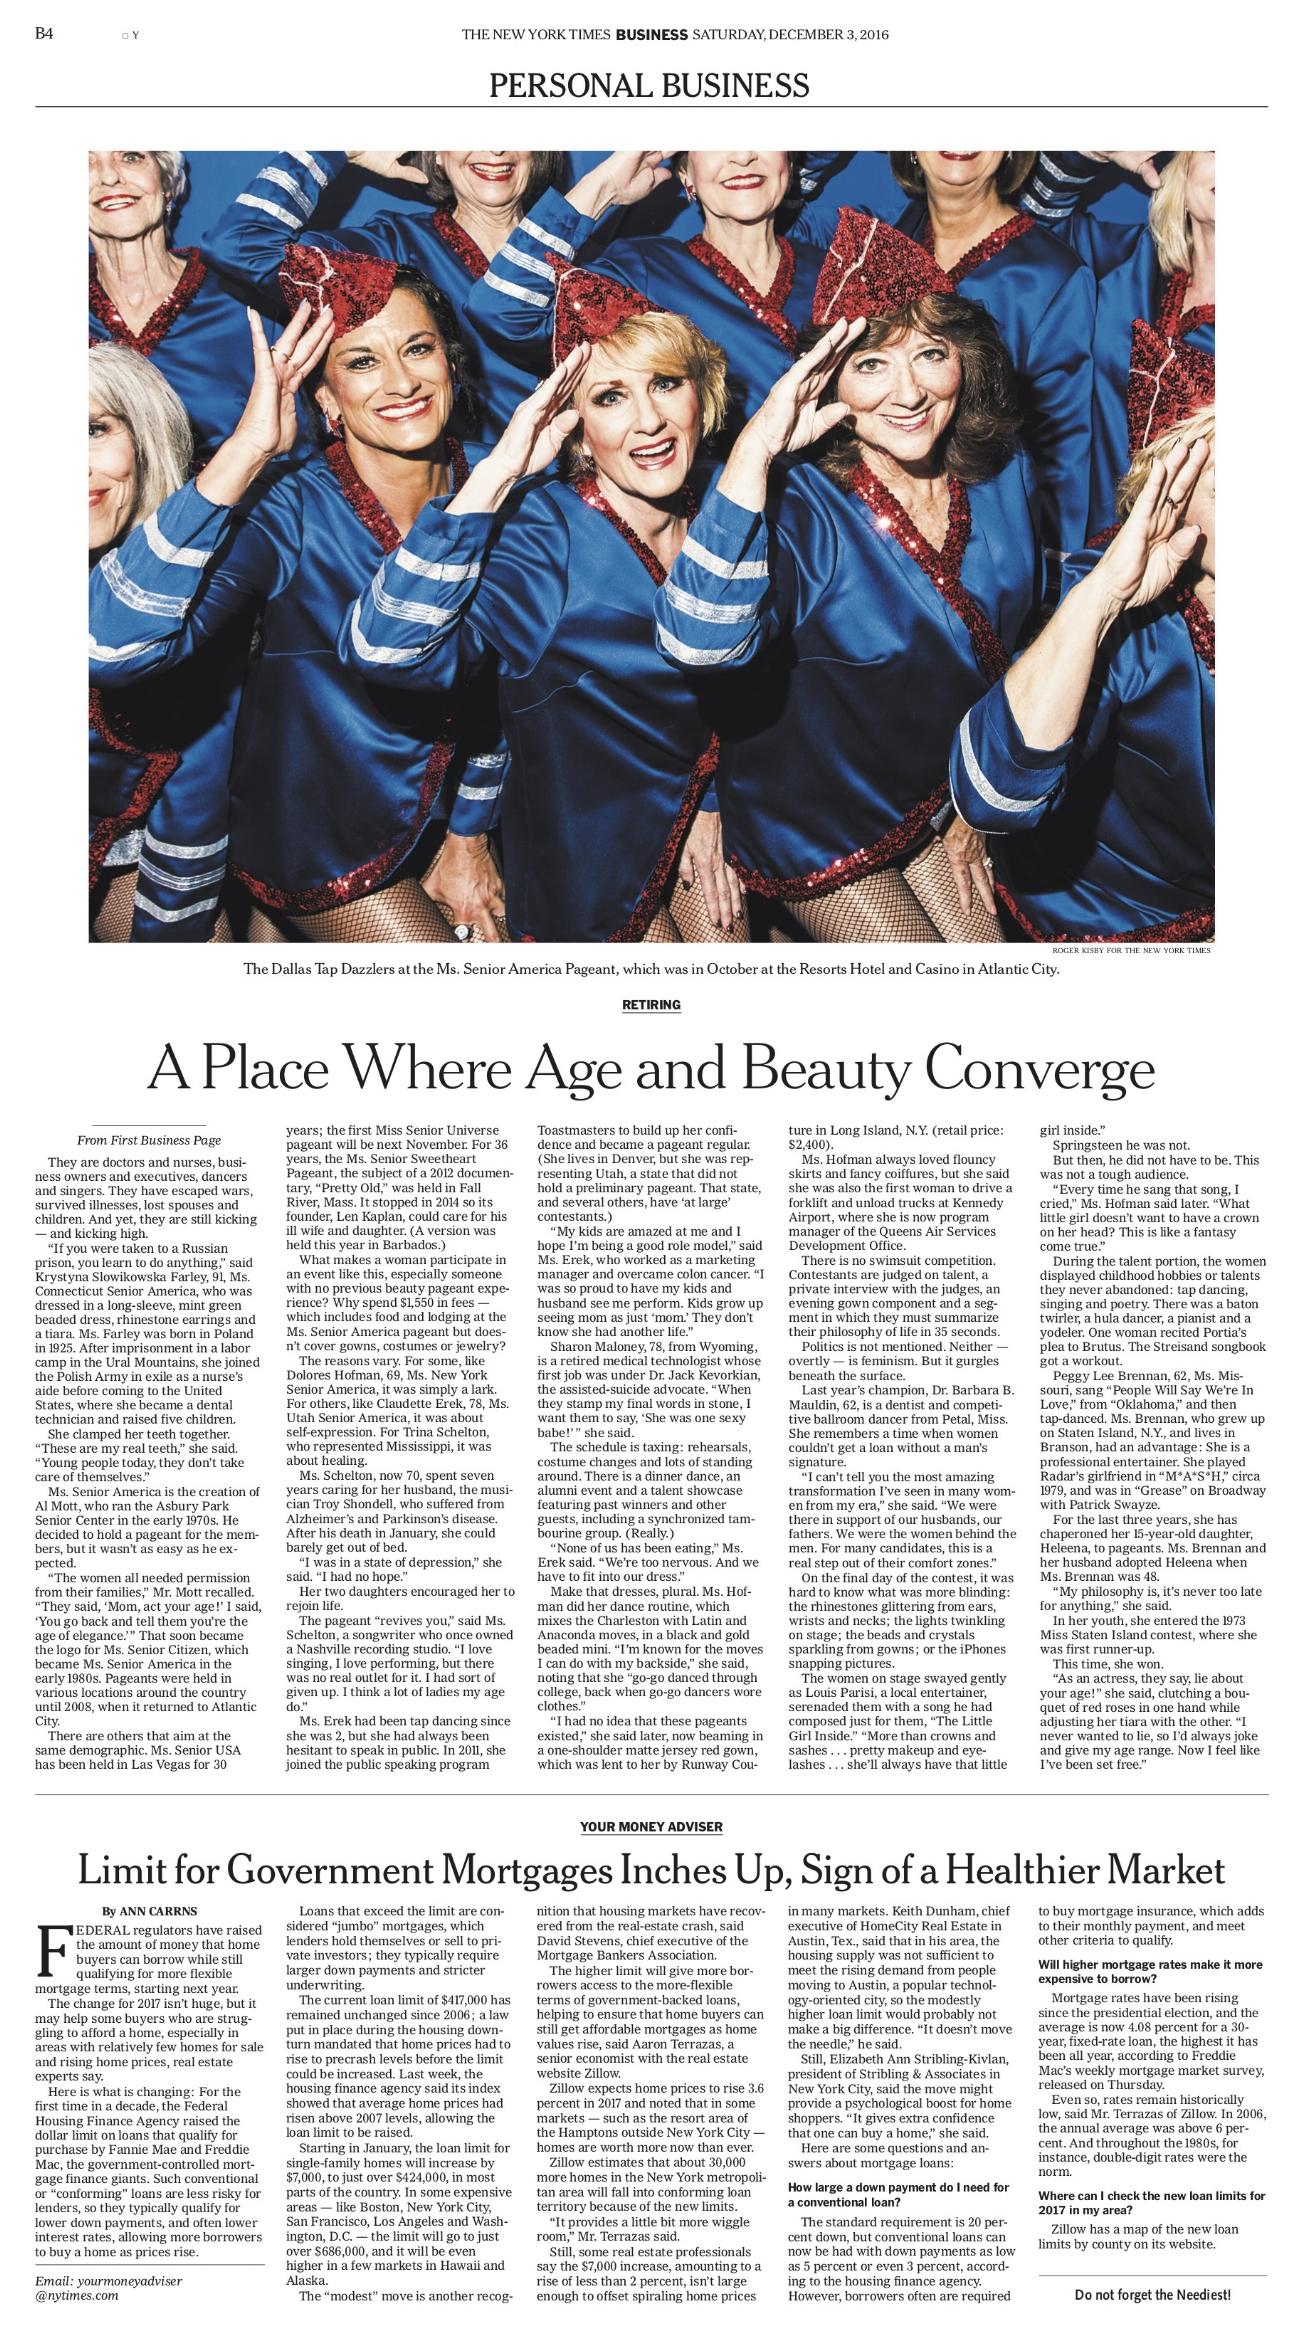 Ms. Senior America for NYT